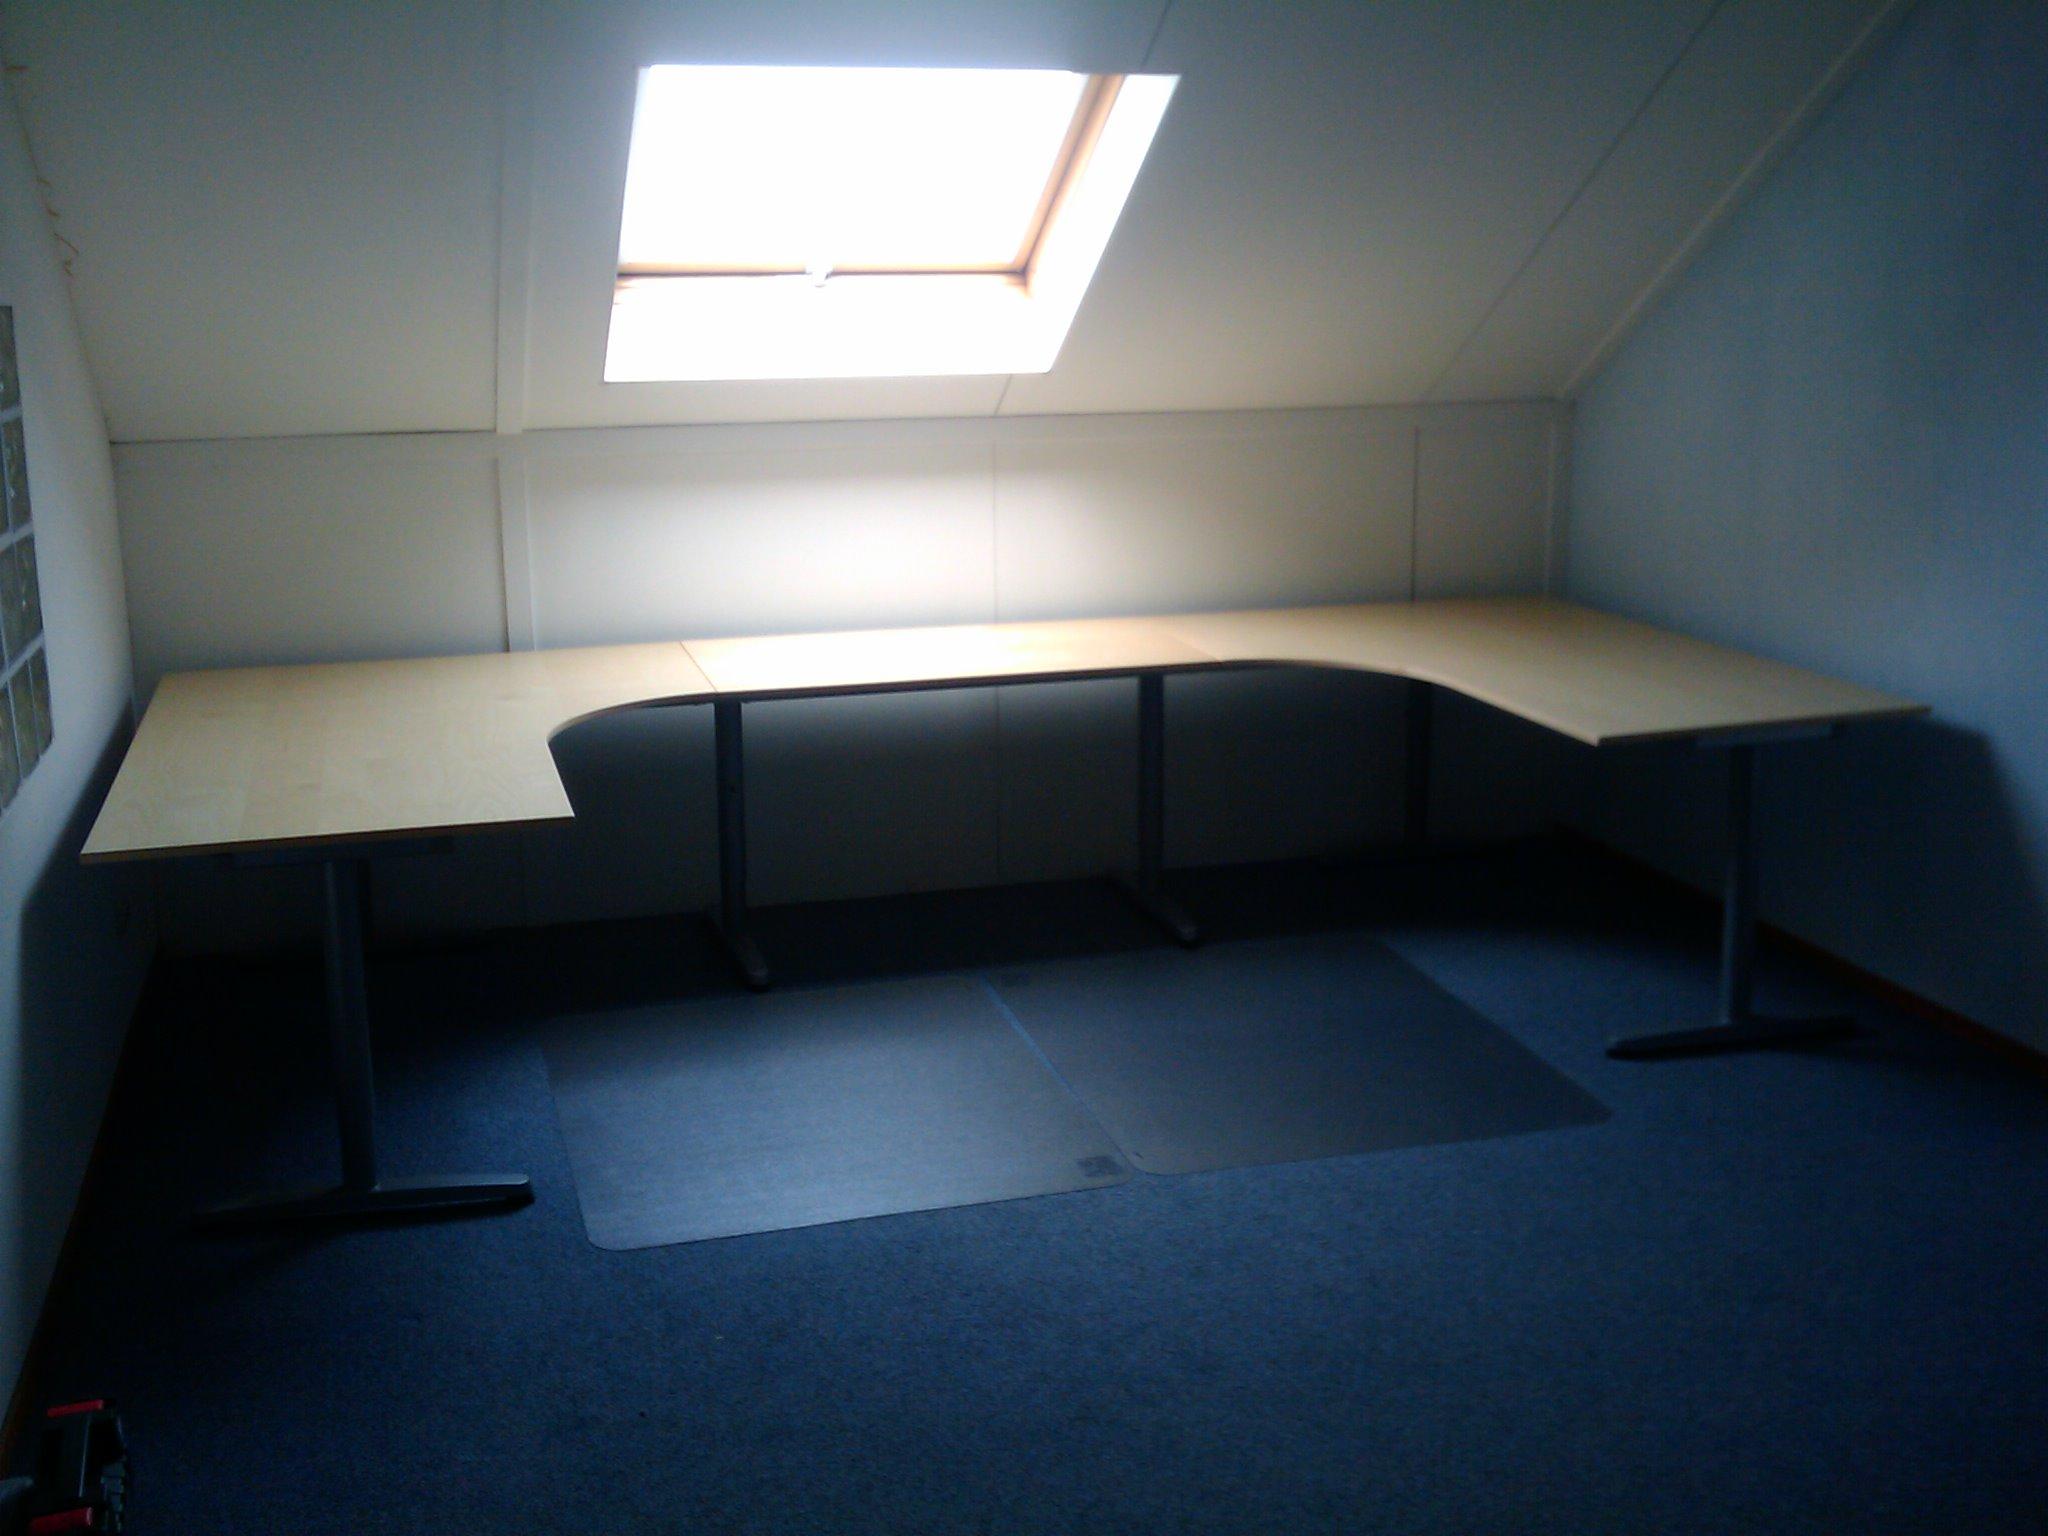 Werkplek, prutshoek, soldeertafel, knutselkamer Deel 3 - Forum ...